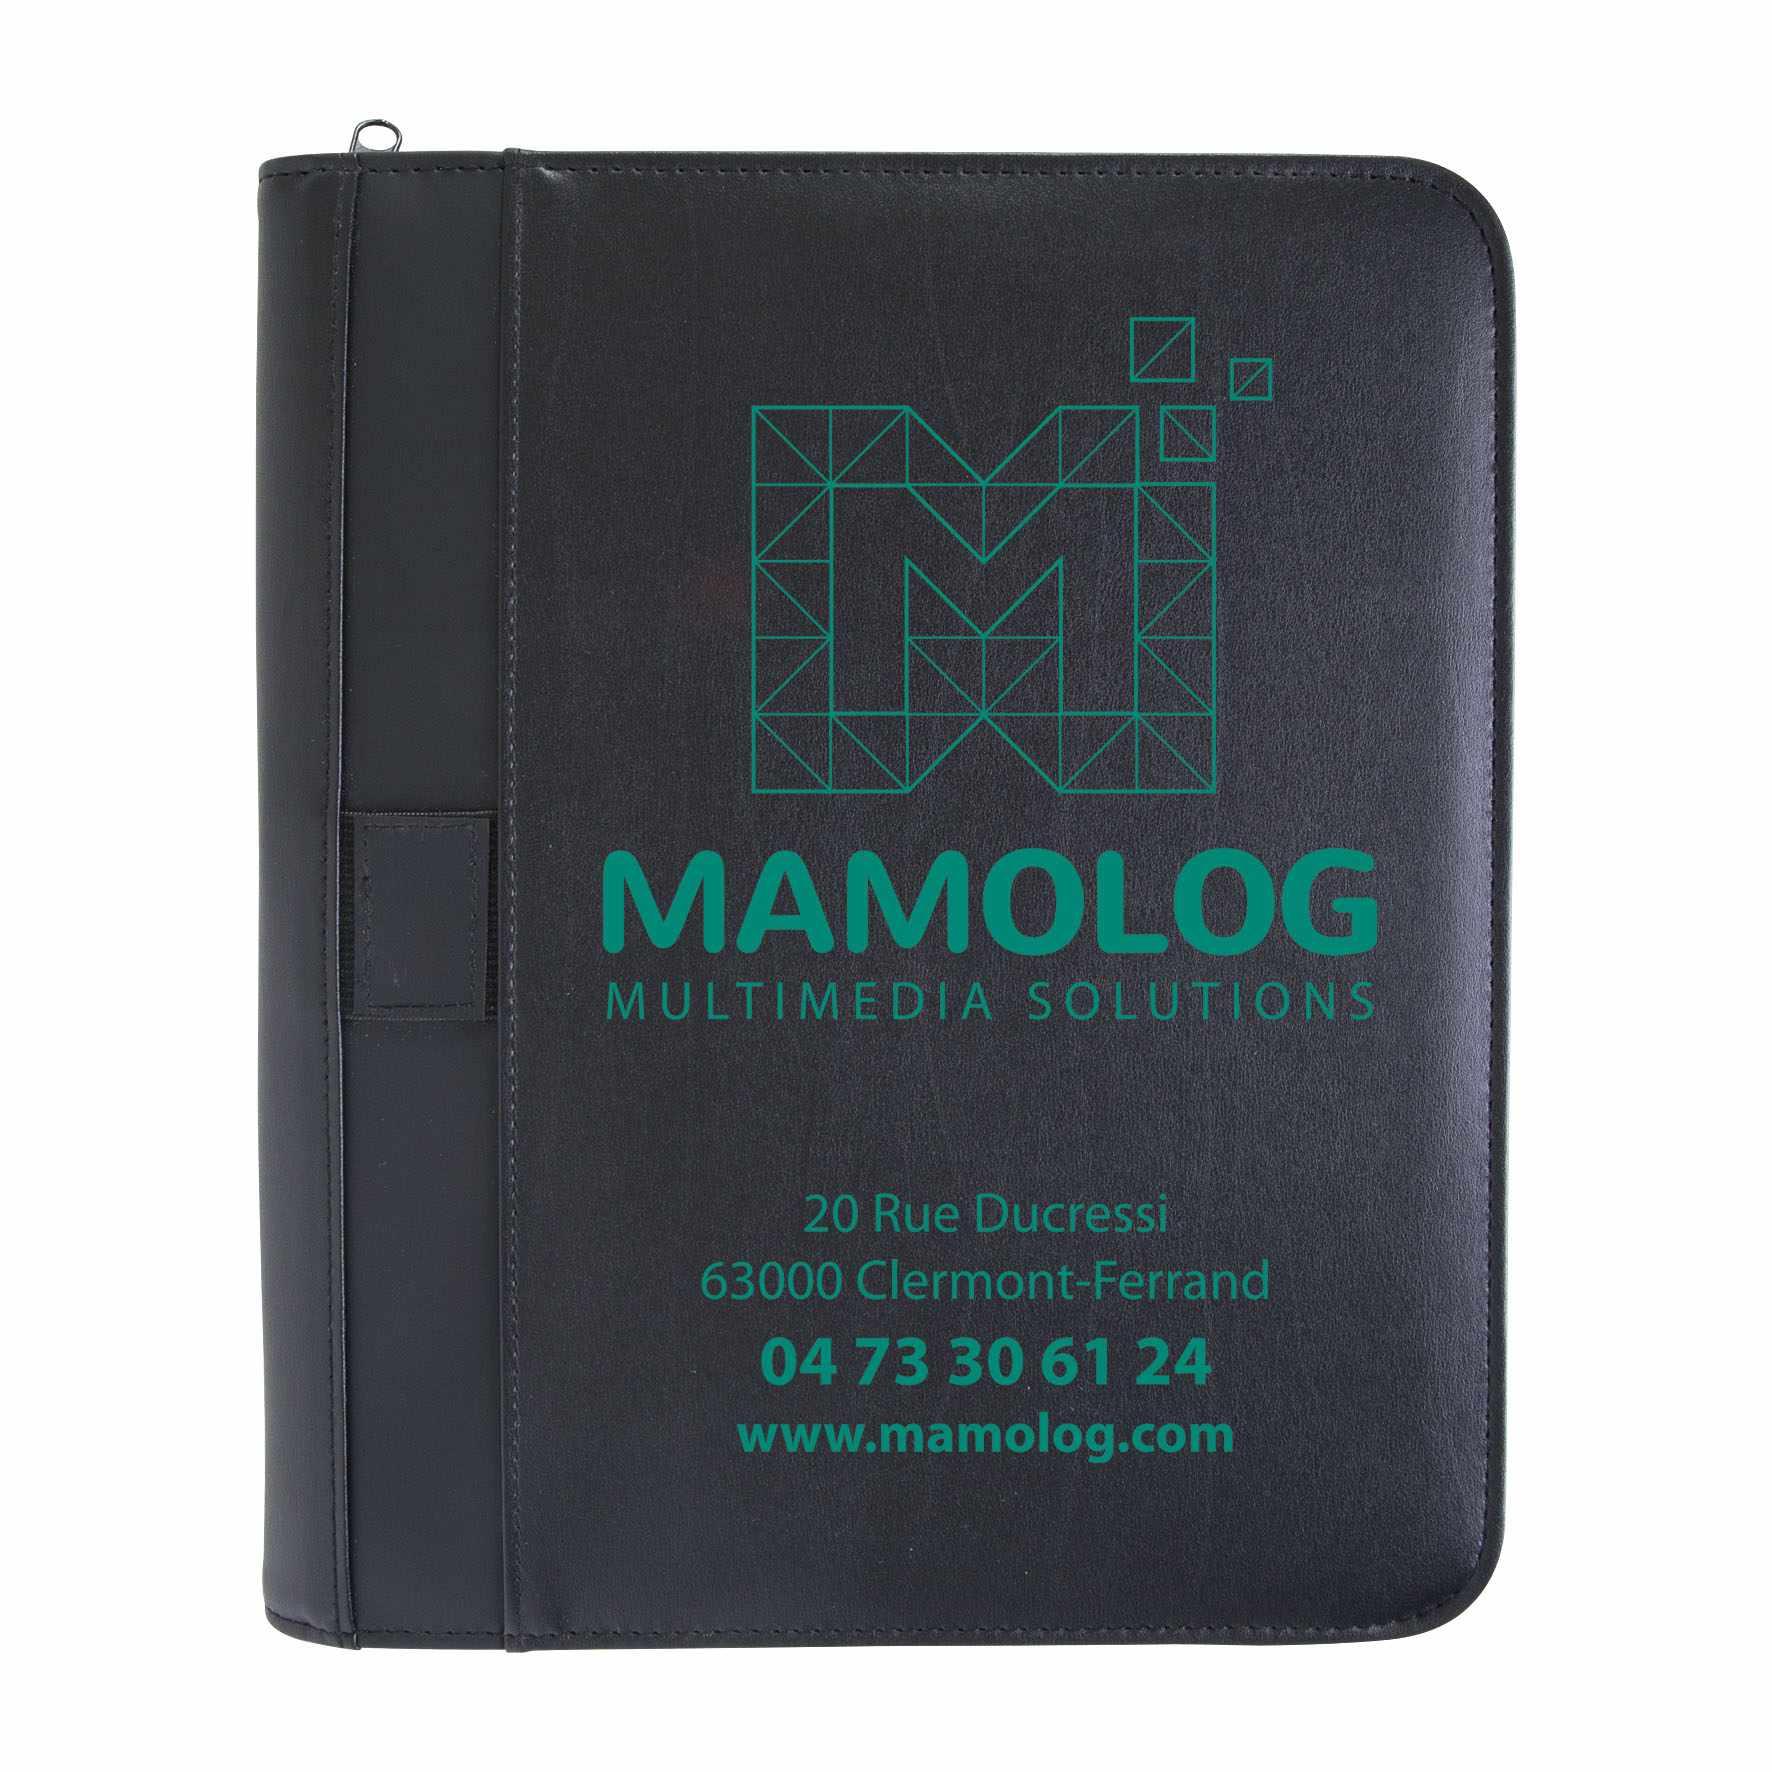 Cadeau publicitaire - Conférencier et support tablette Study